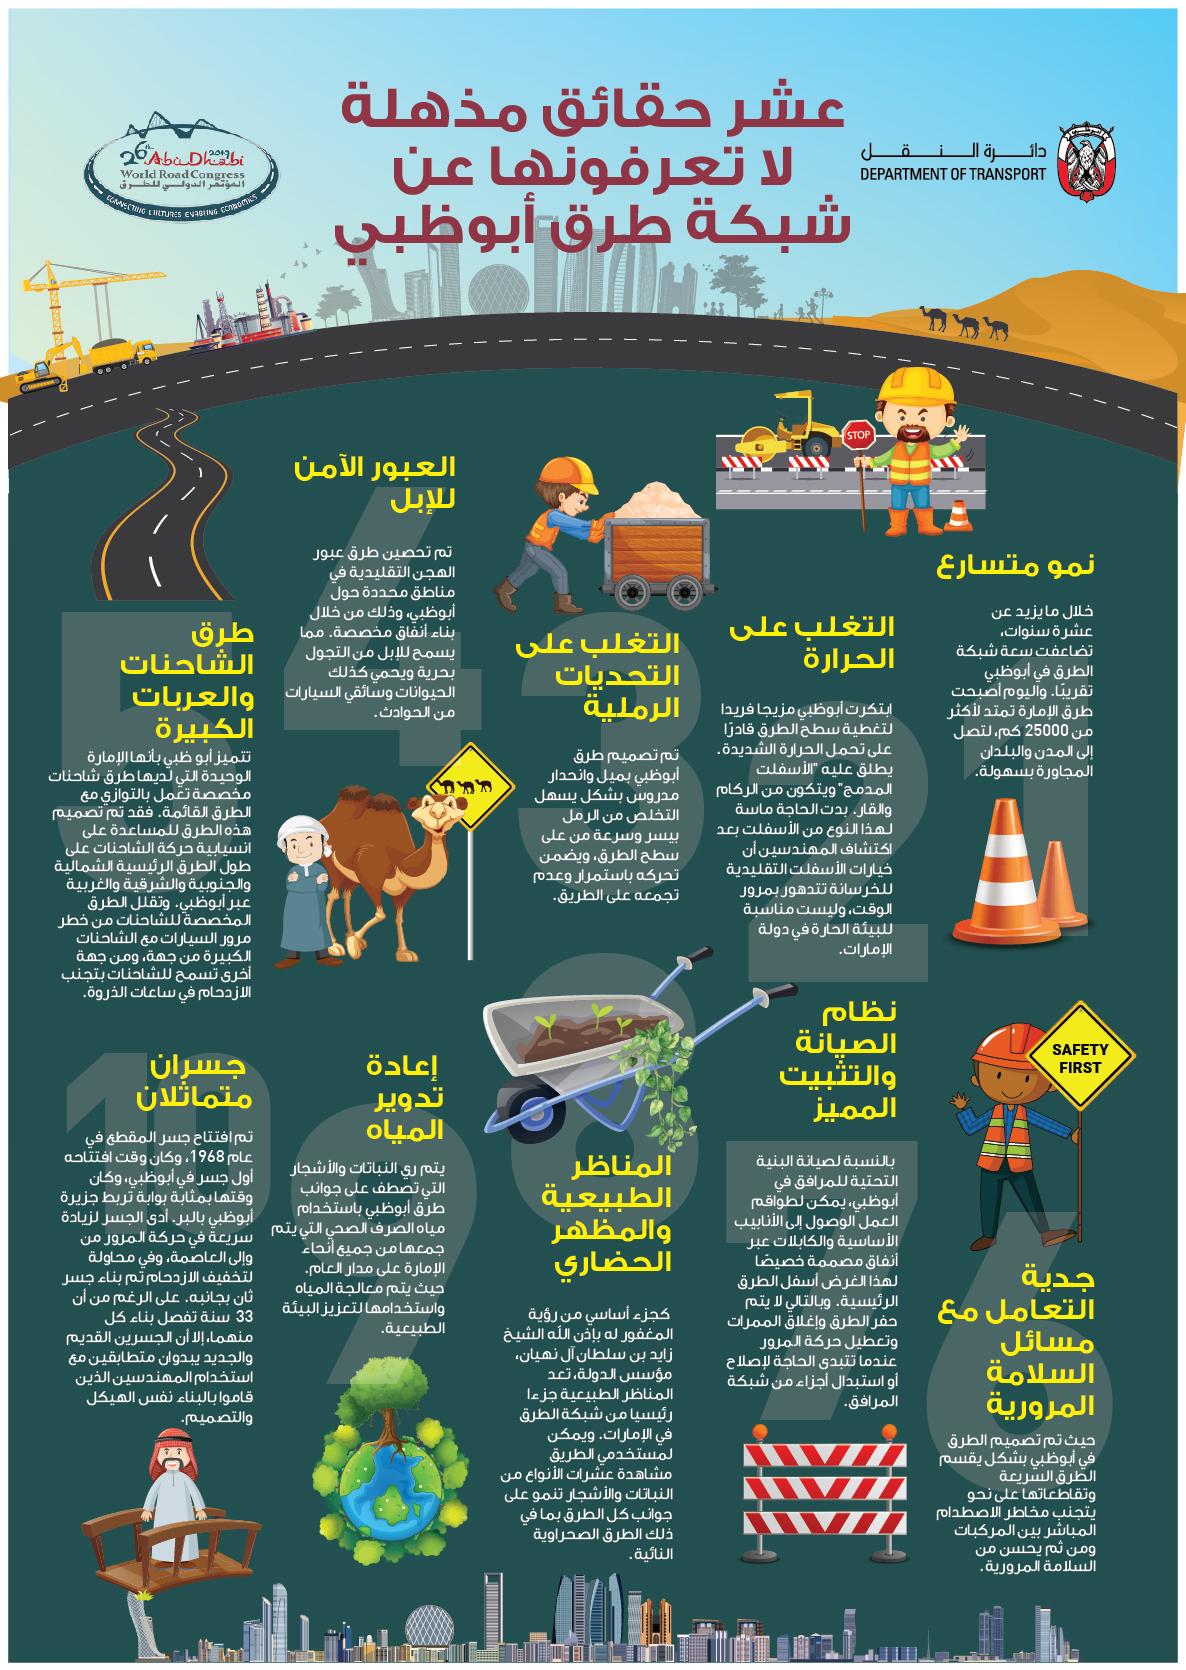 دائرة النقل : 10 حقائق مذهلة حول شبكة طرق أبوظبي عالمية المستوى